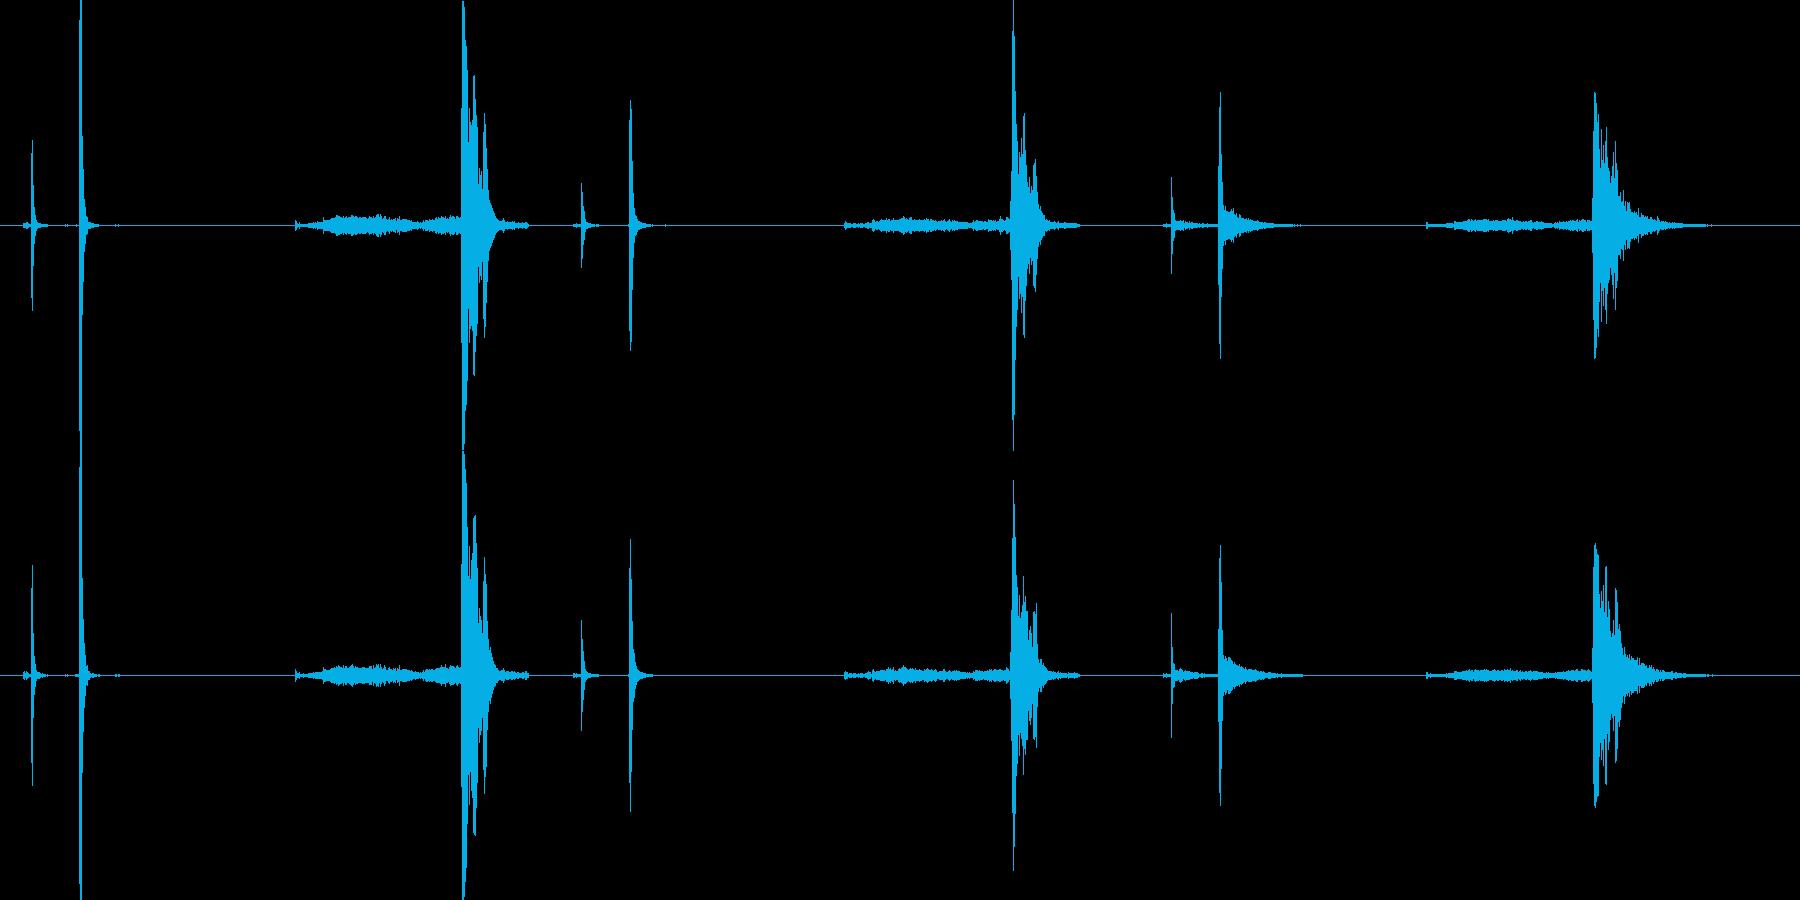 クリンクス、スプリング、3ルーム;...の再生済みの波形